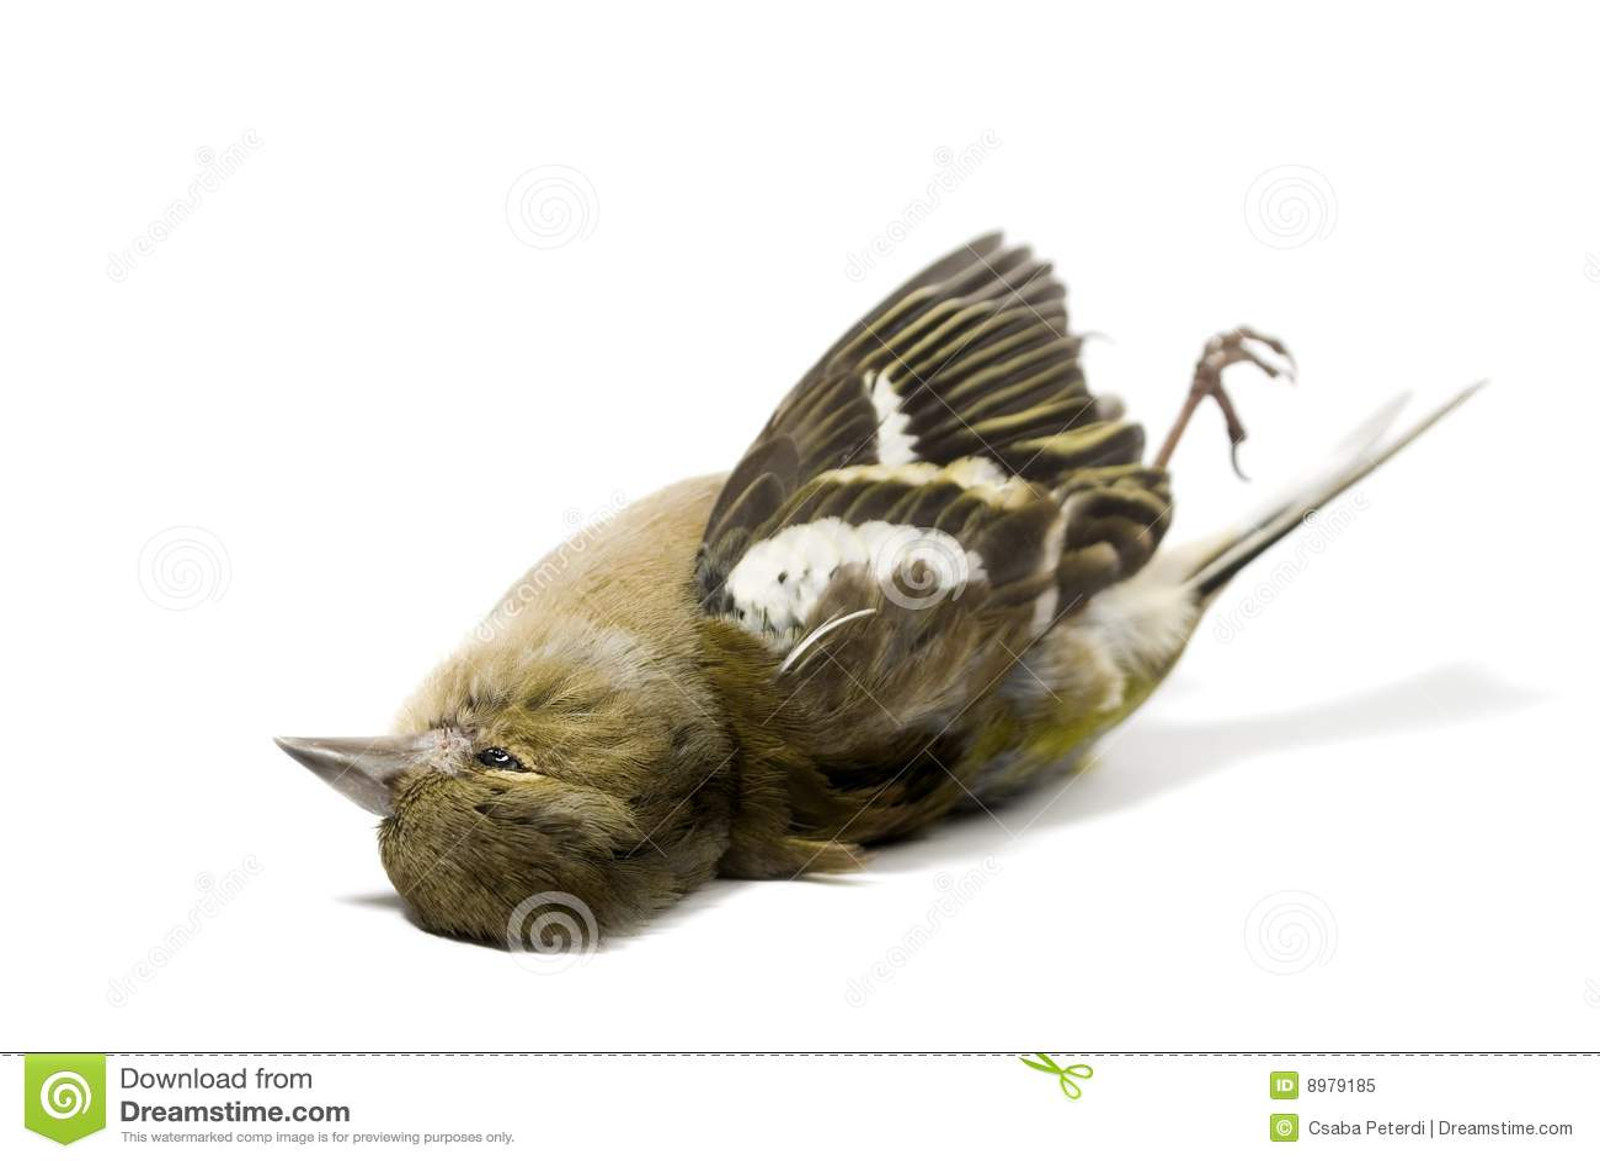 Isolated Dead Bird Roy...